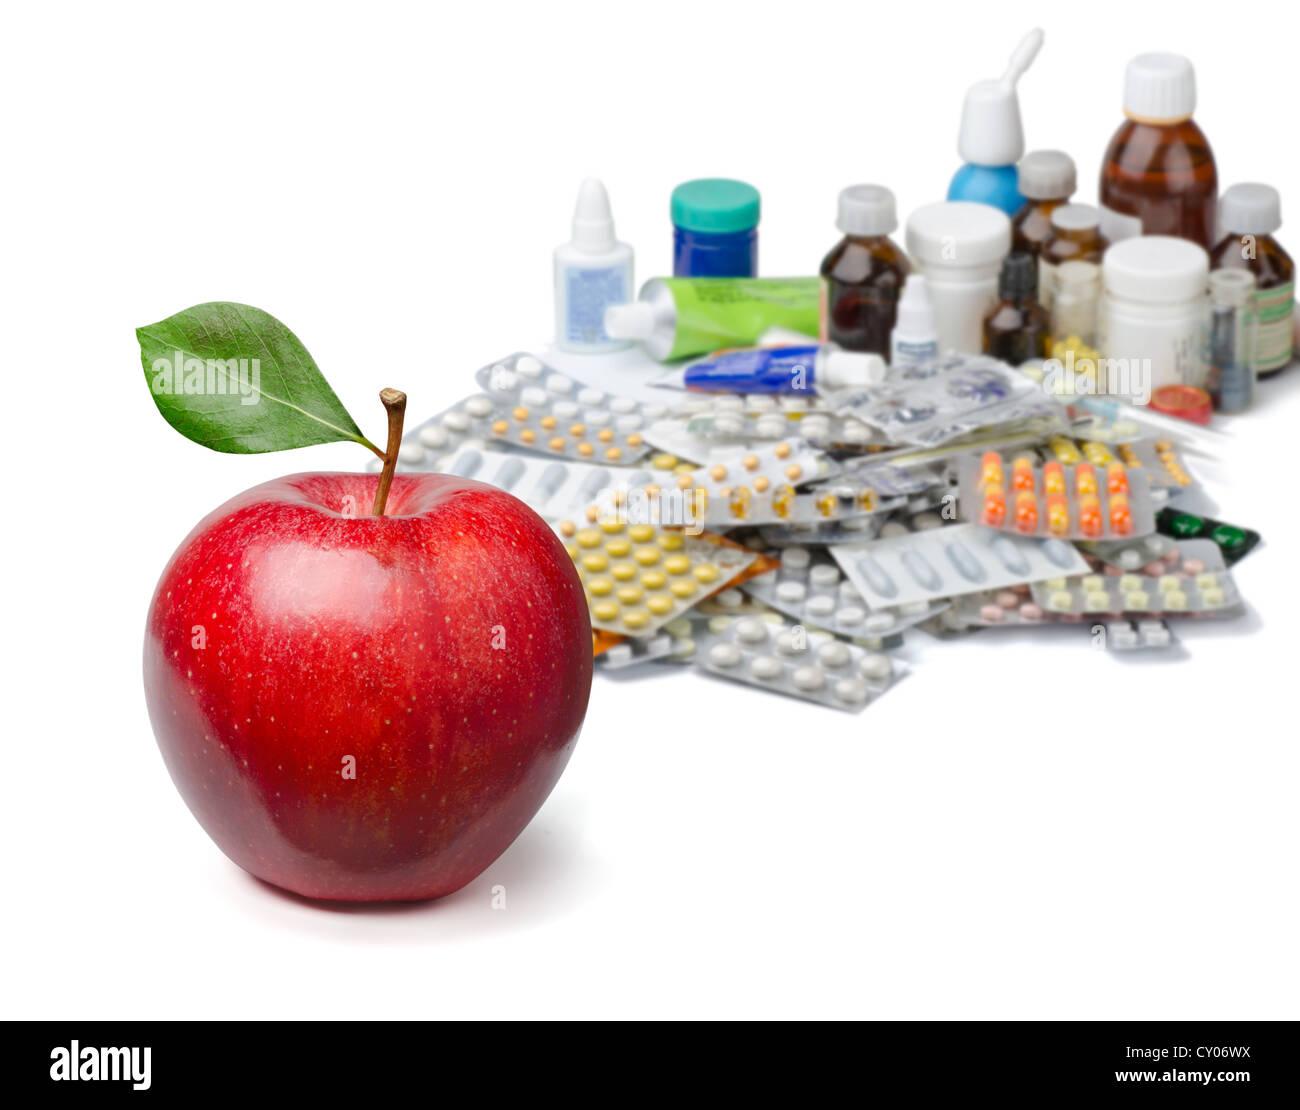 Manzana roja en frente de una gran pila de medicamentos. Concepto de estilo de vida saludable. Imagen De Stock